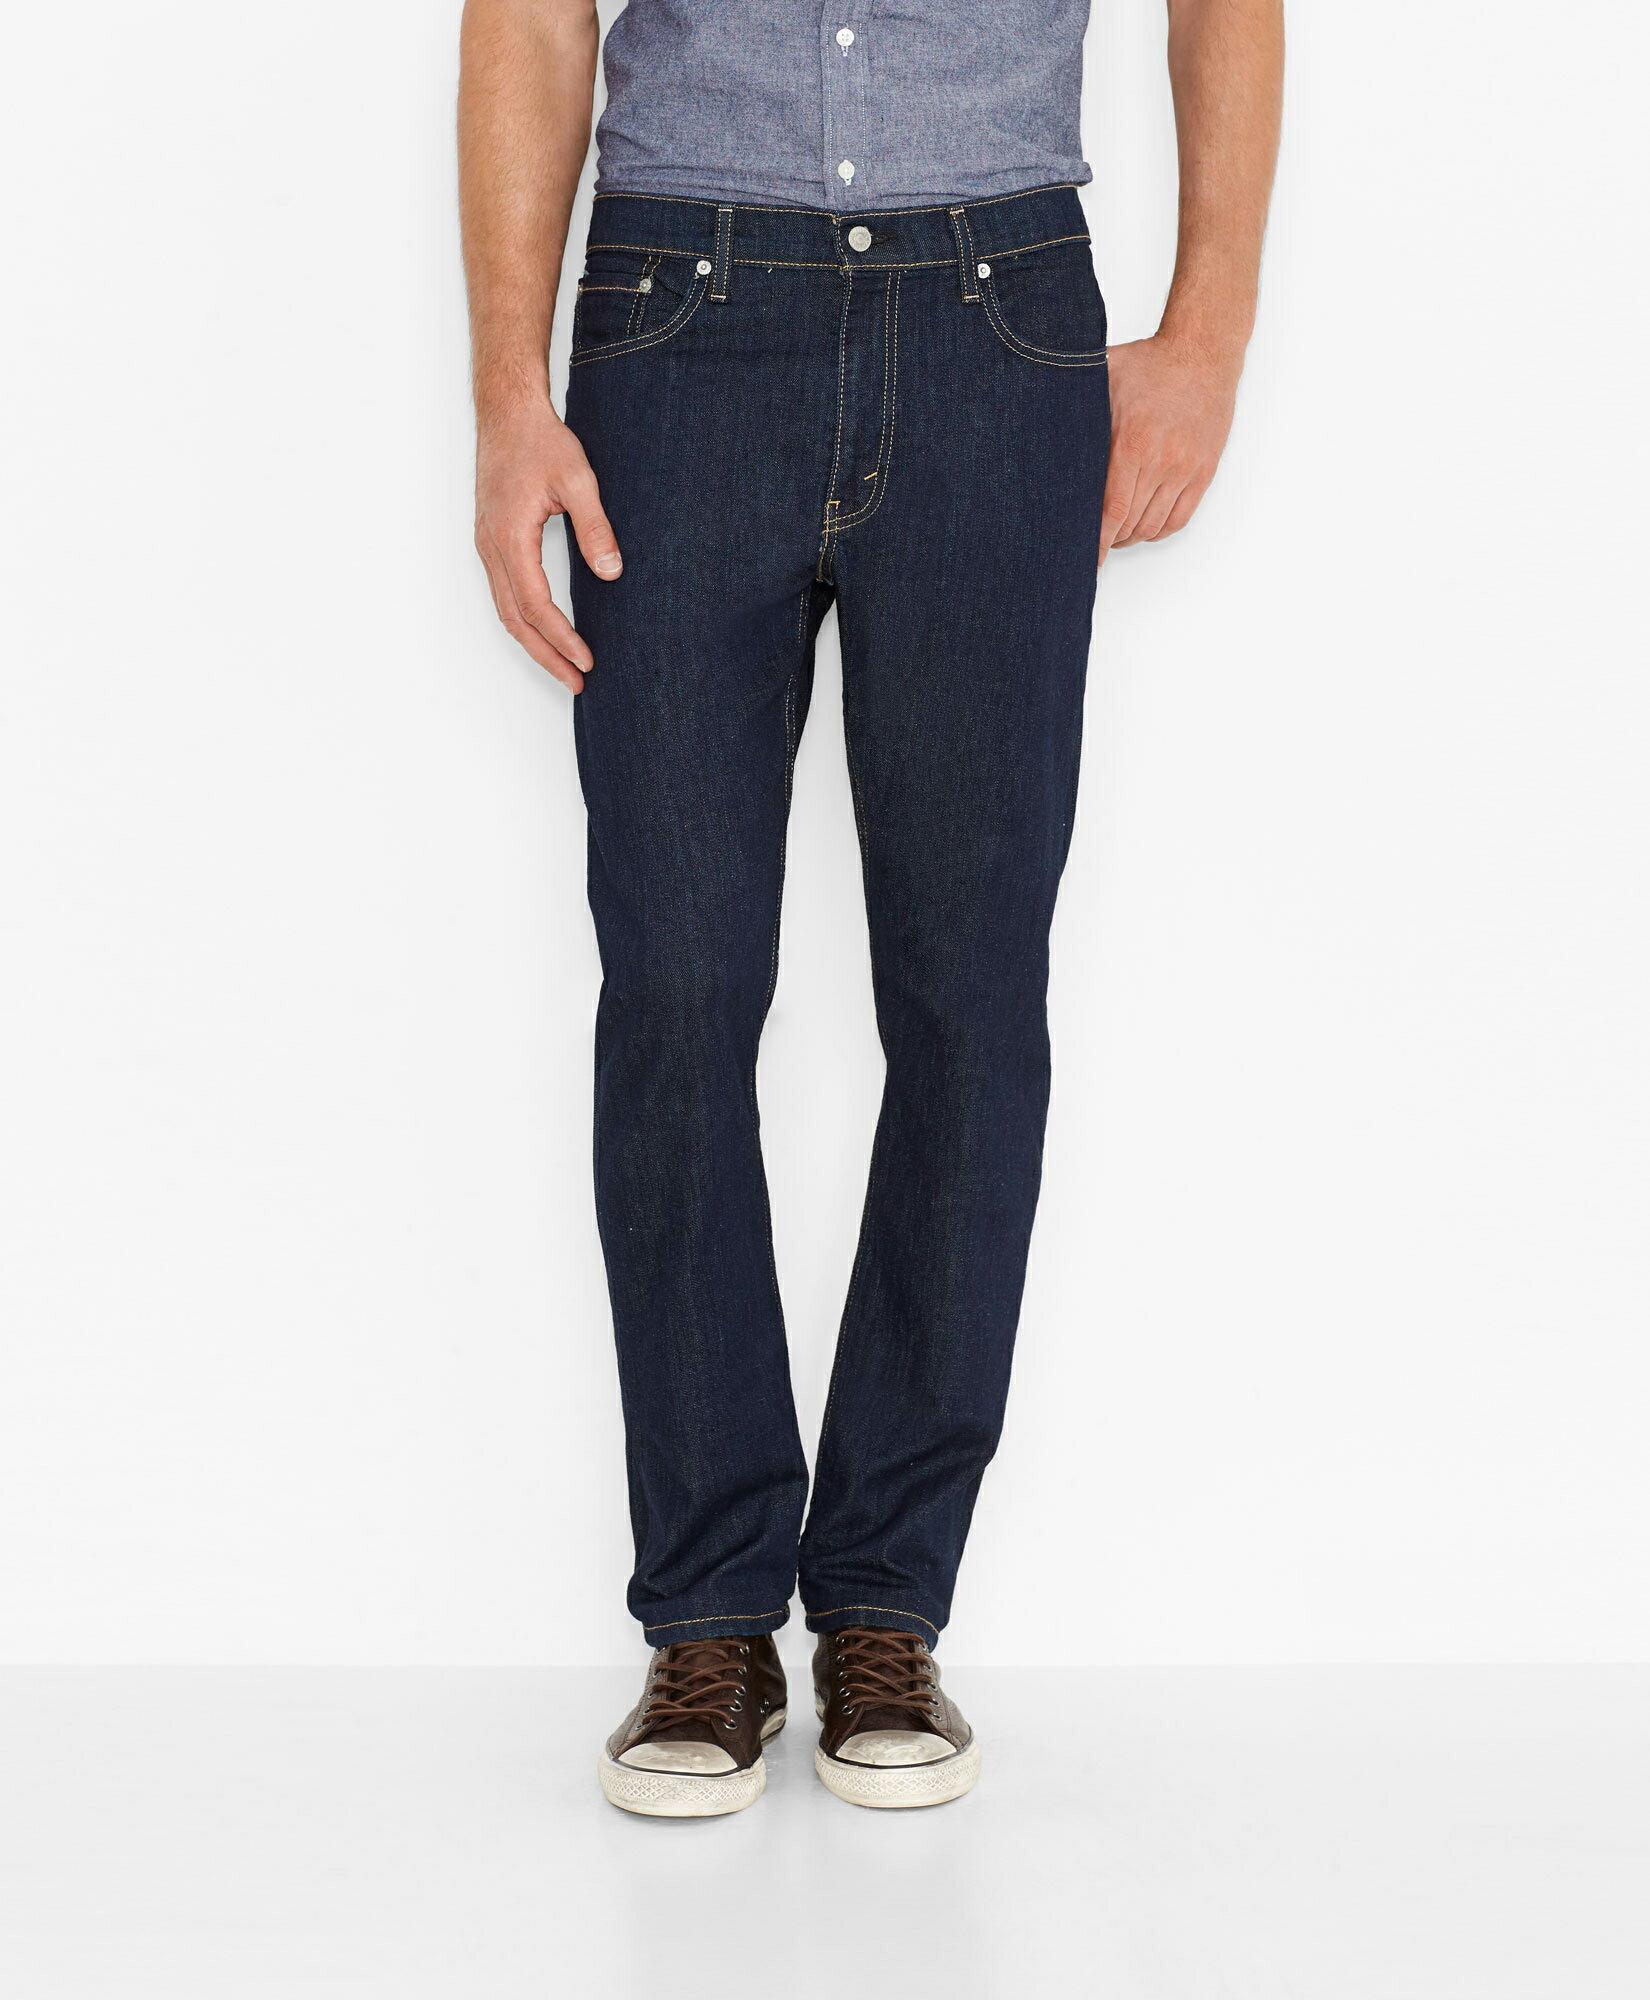 美國百分百【Levis 513】Slim Straight Fit 男 牛仔褲 直筒褲 合身 31腰 深藍 E896